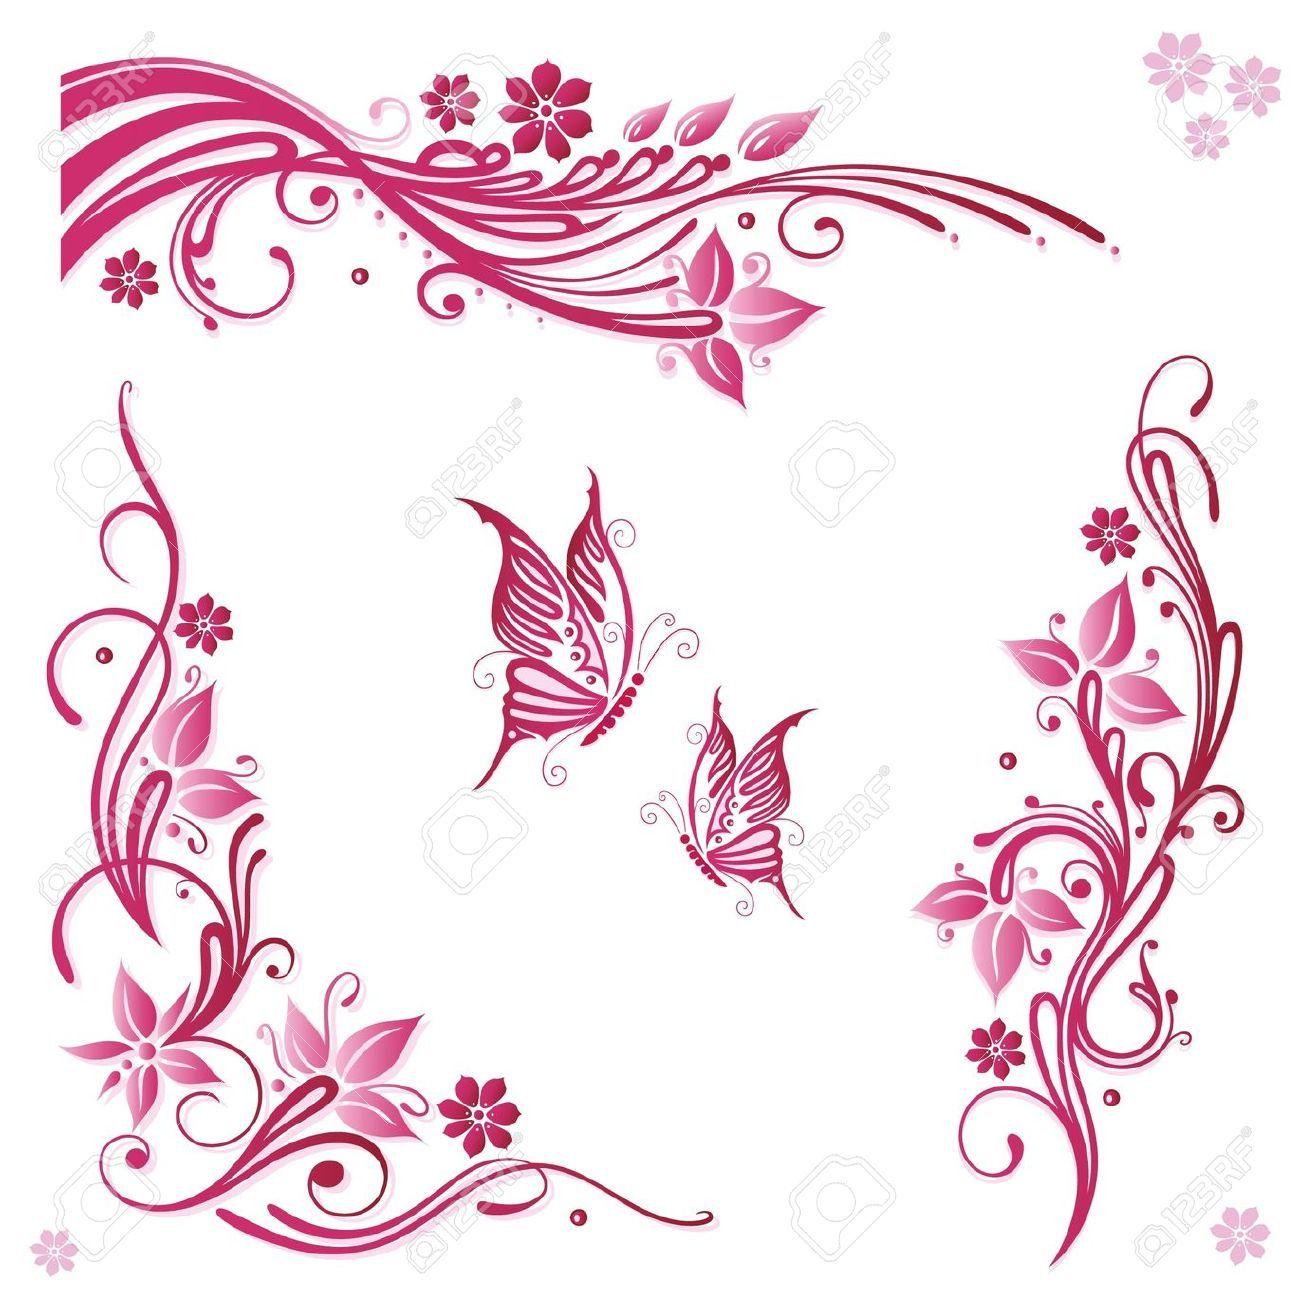 Imagenes de ramas y flores para decorar marcos para - Imagenes para cuadros ...